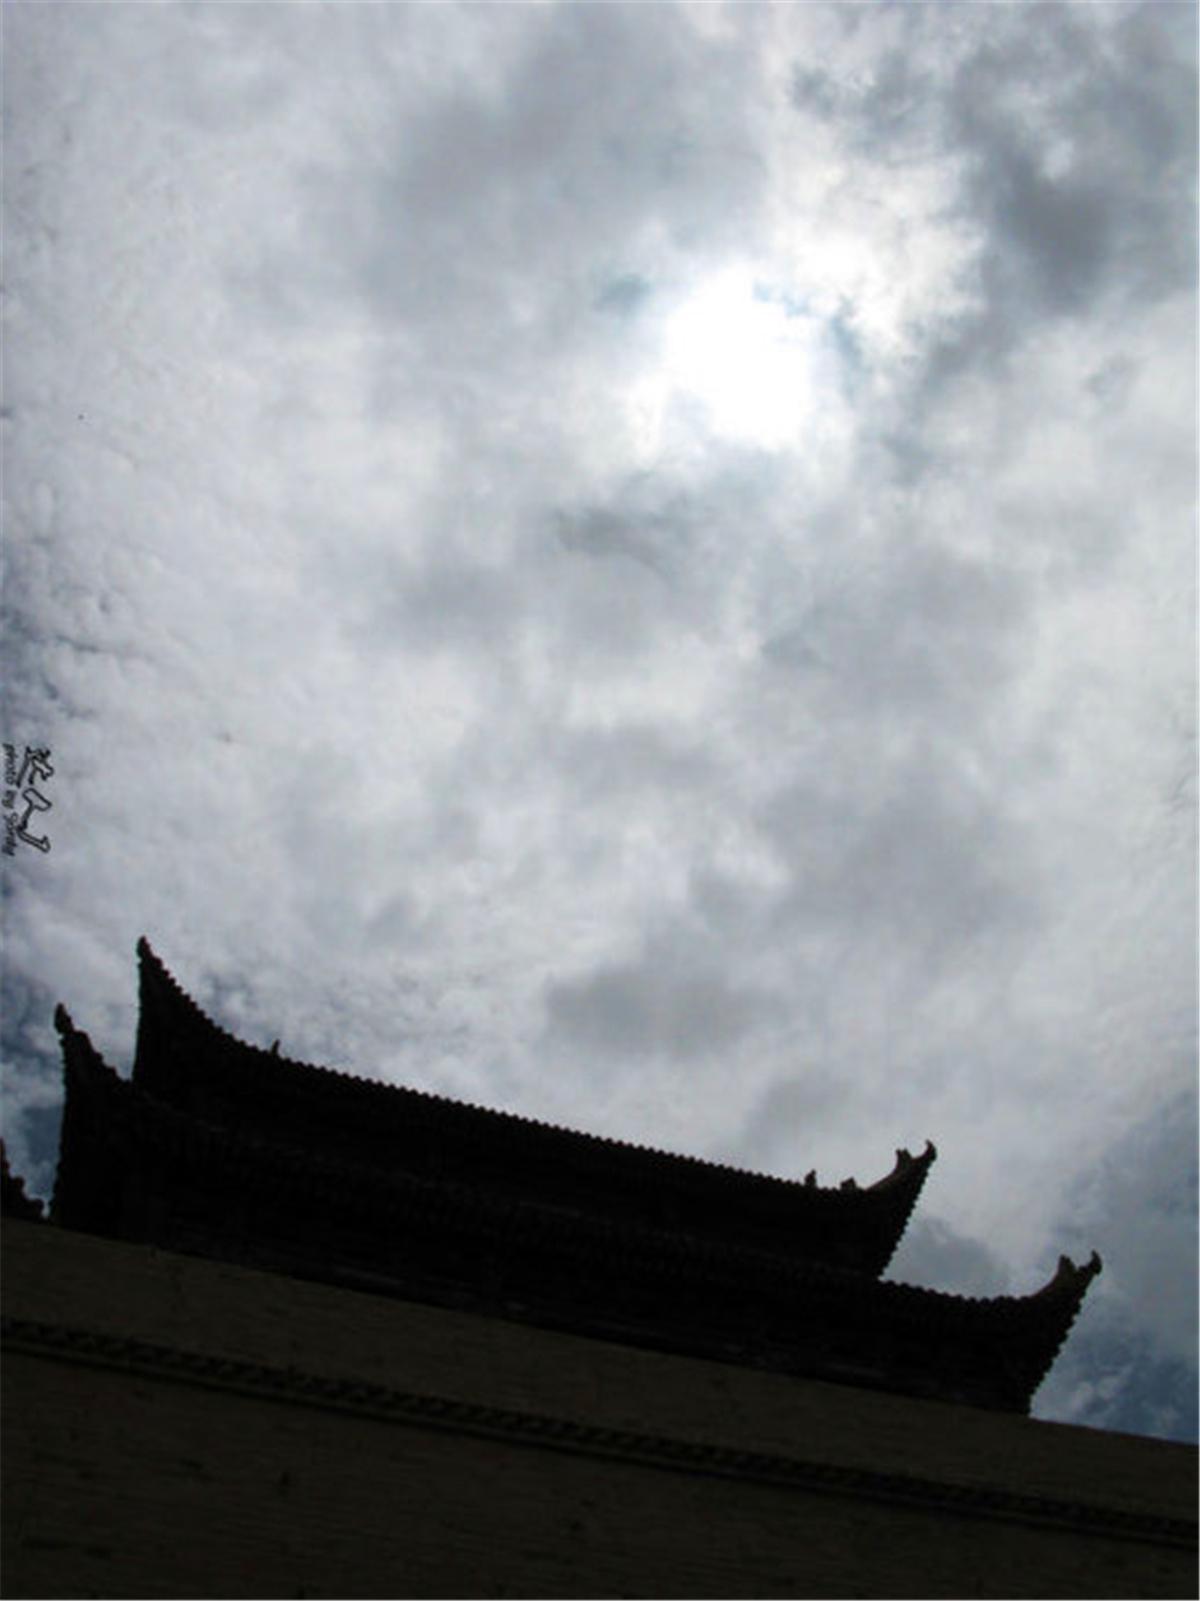 08我眼前的长城,跟这里的天空如出一辙.jpg